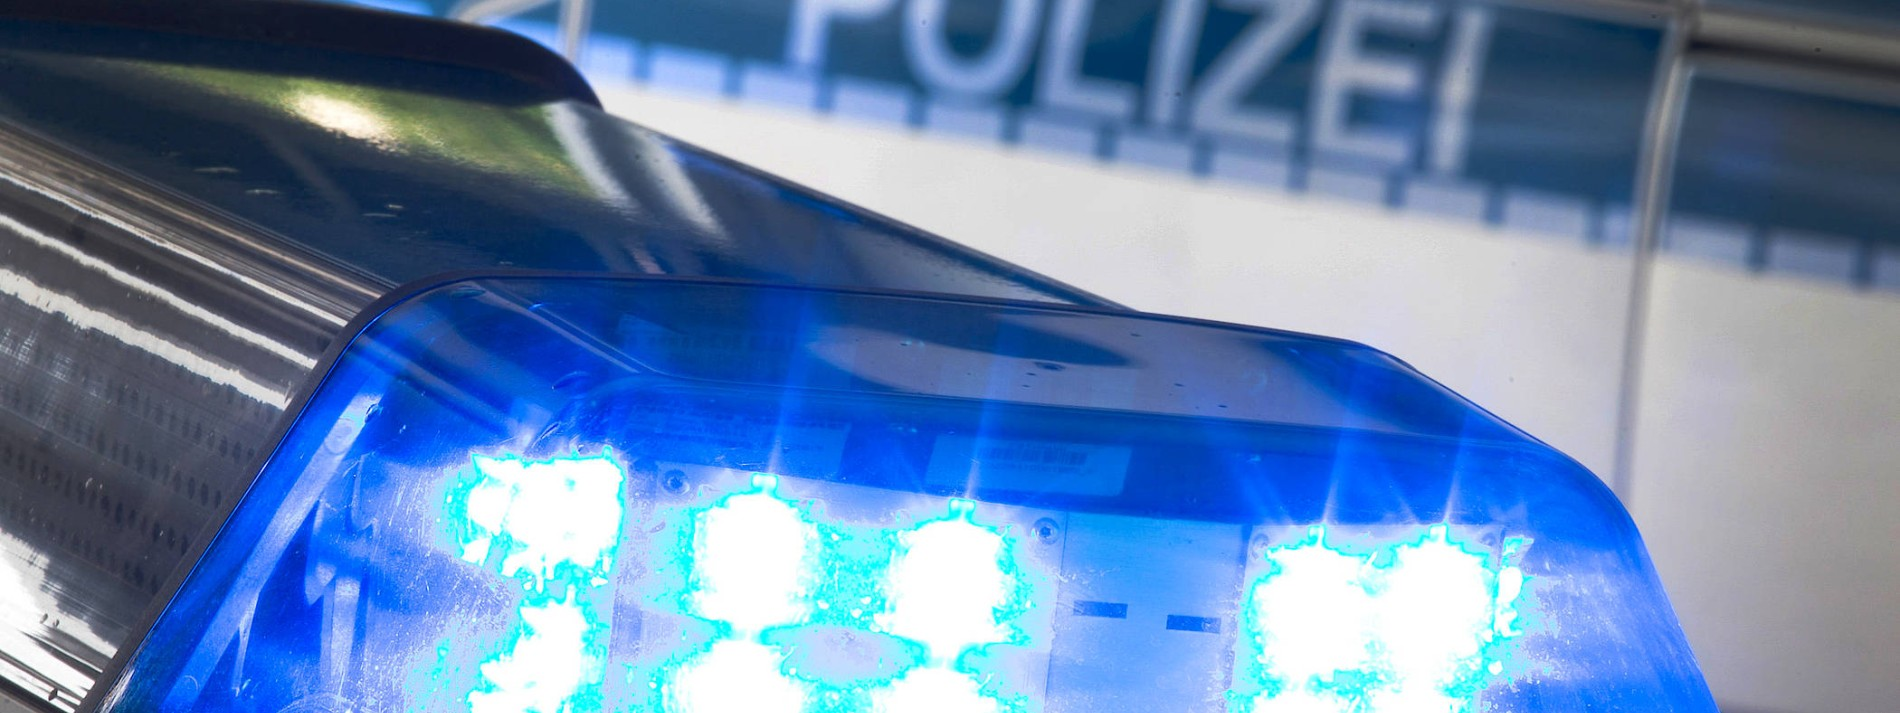 Technischer Defekt soll Hausbrand ausgelöst haben – Einbrecher gehen leer aus